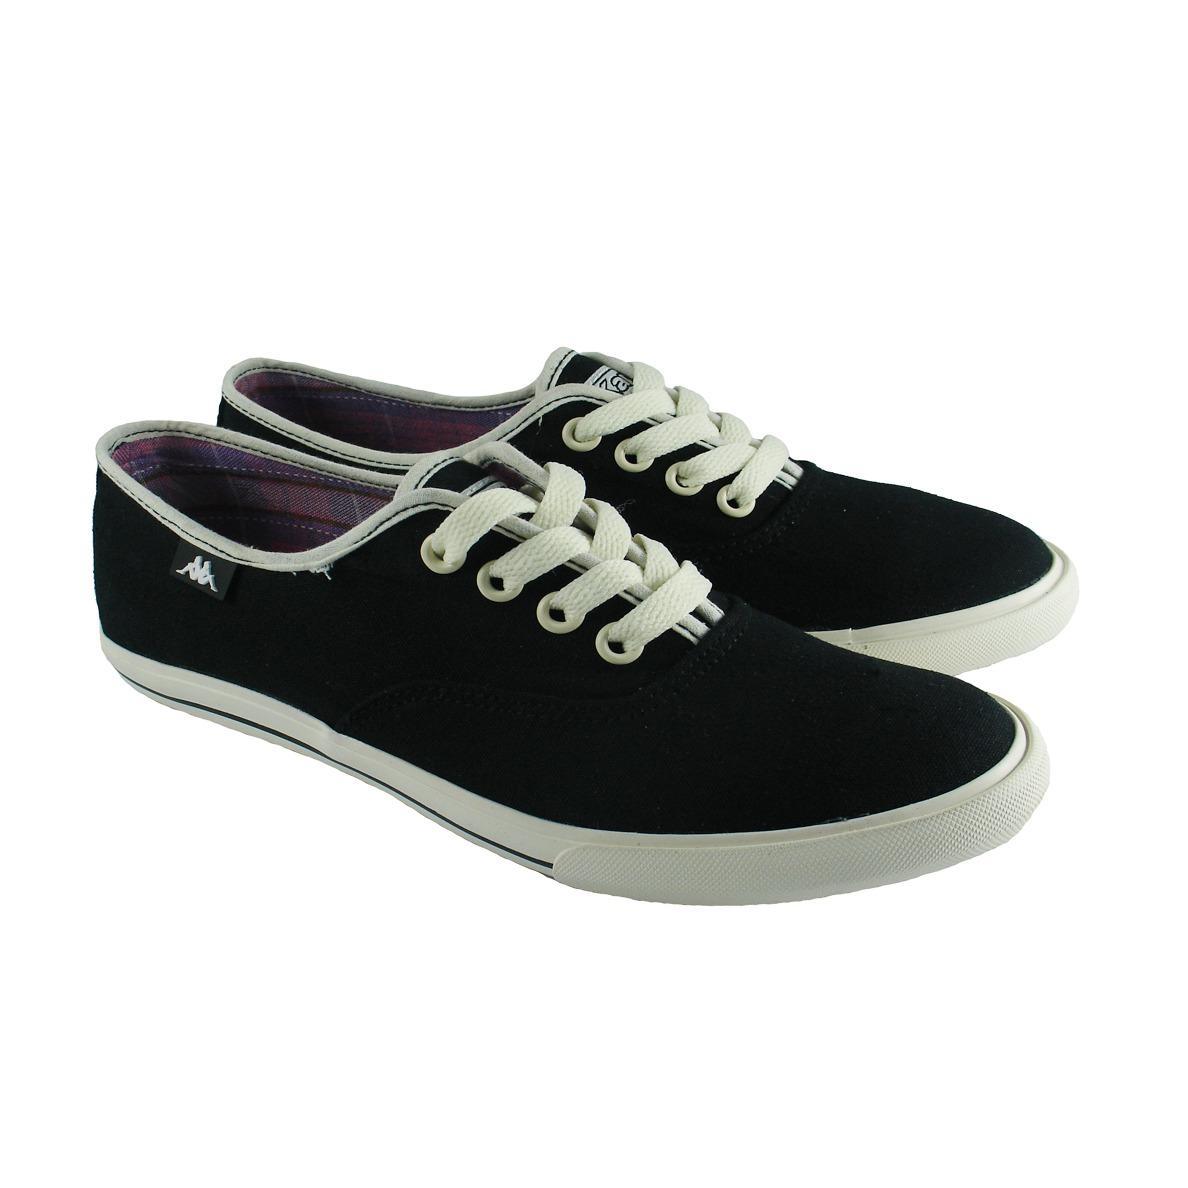 Kappa K12DFC068 Ladies Lace Sneakers - Black